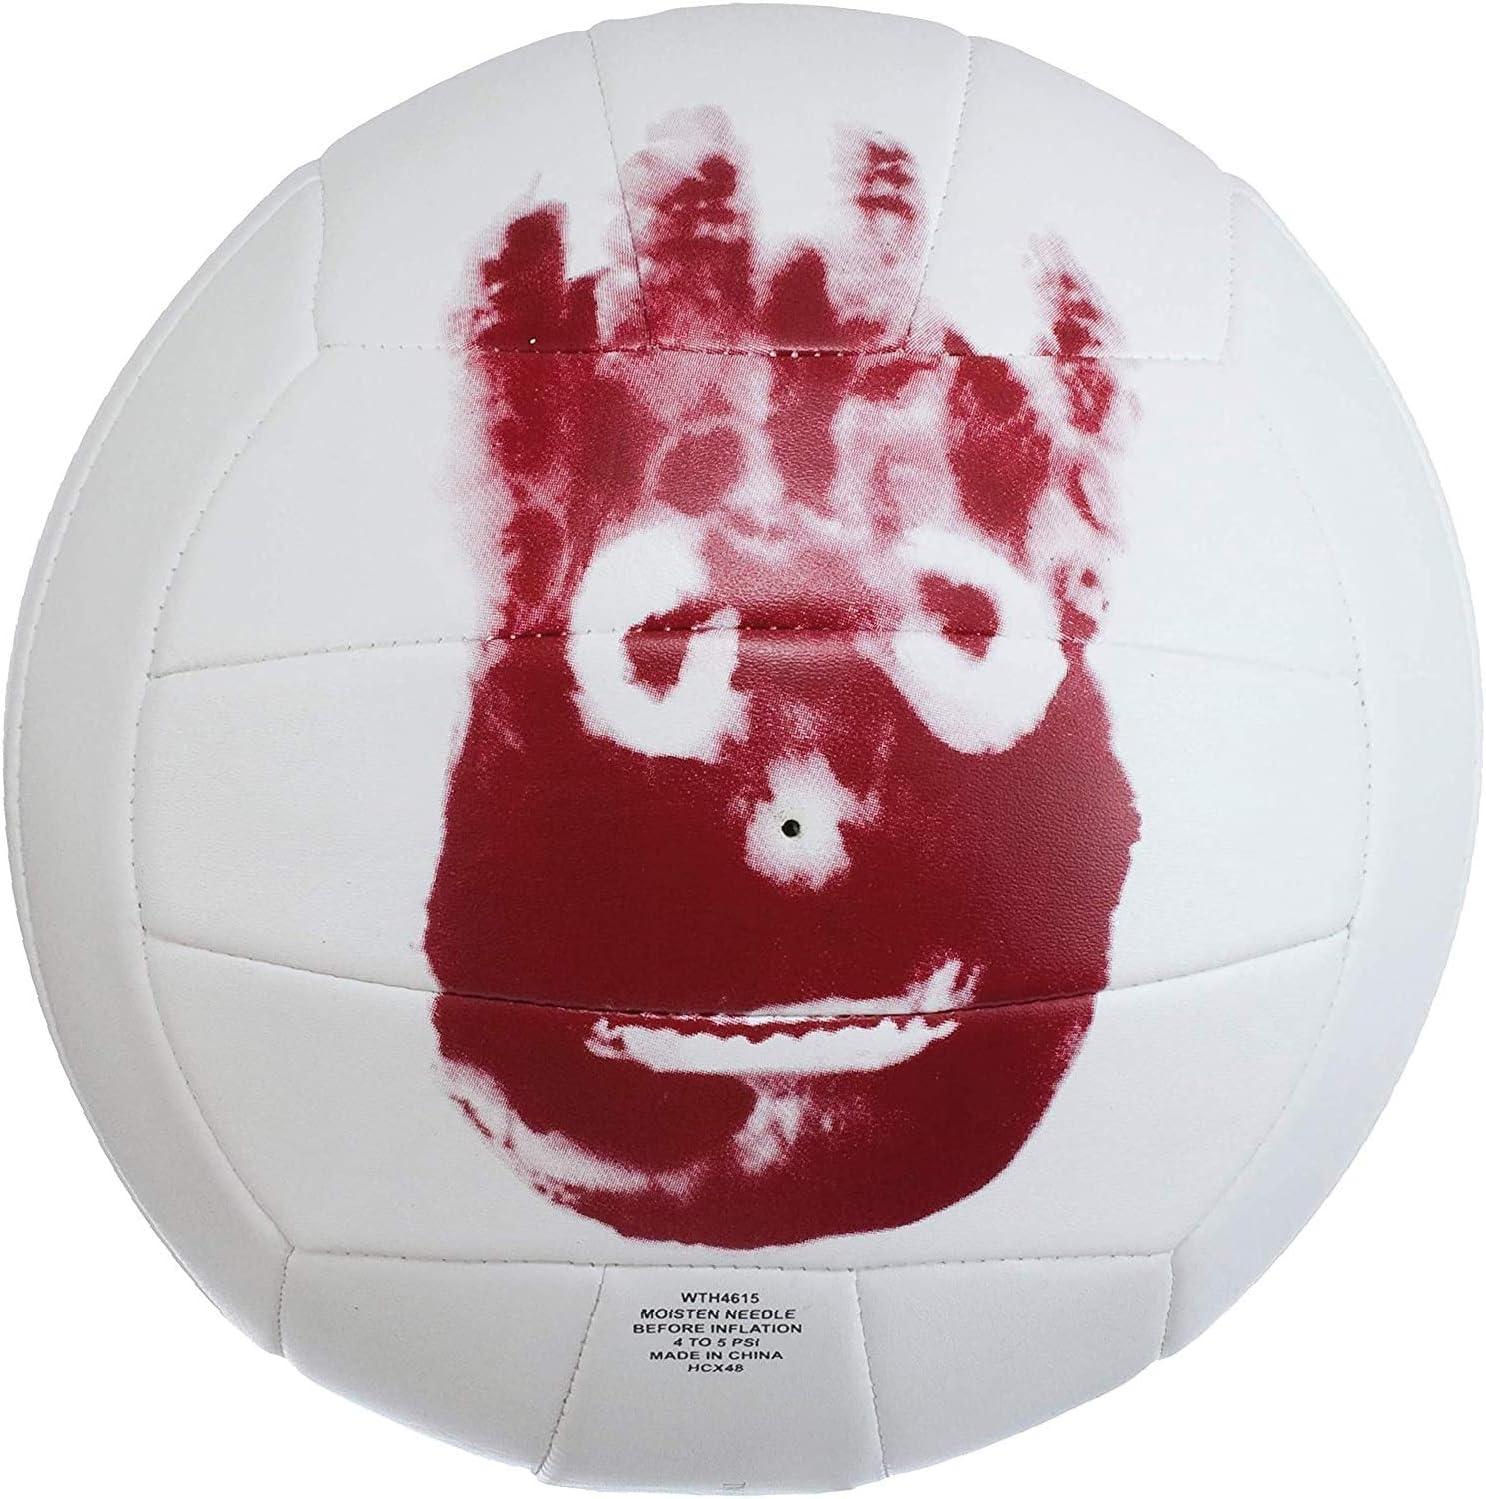 1 Wilson Cast Away Volleyball